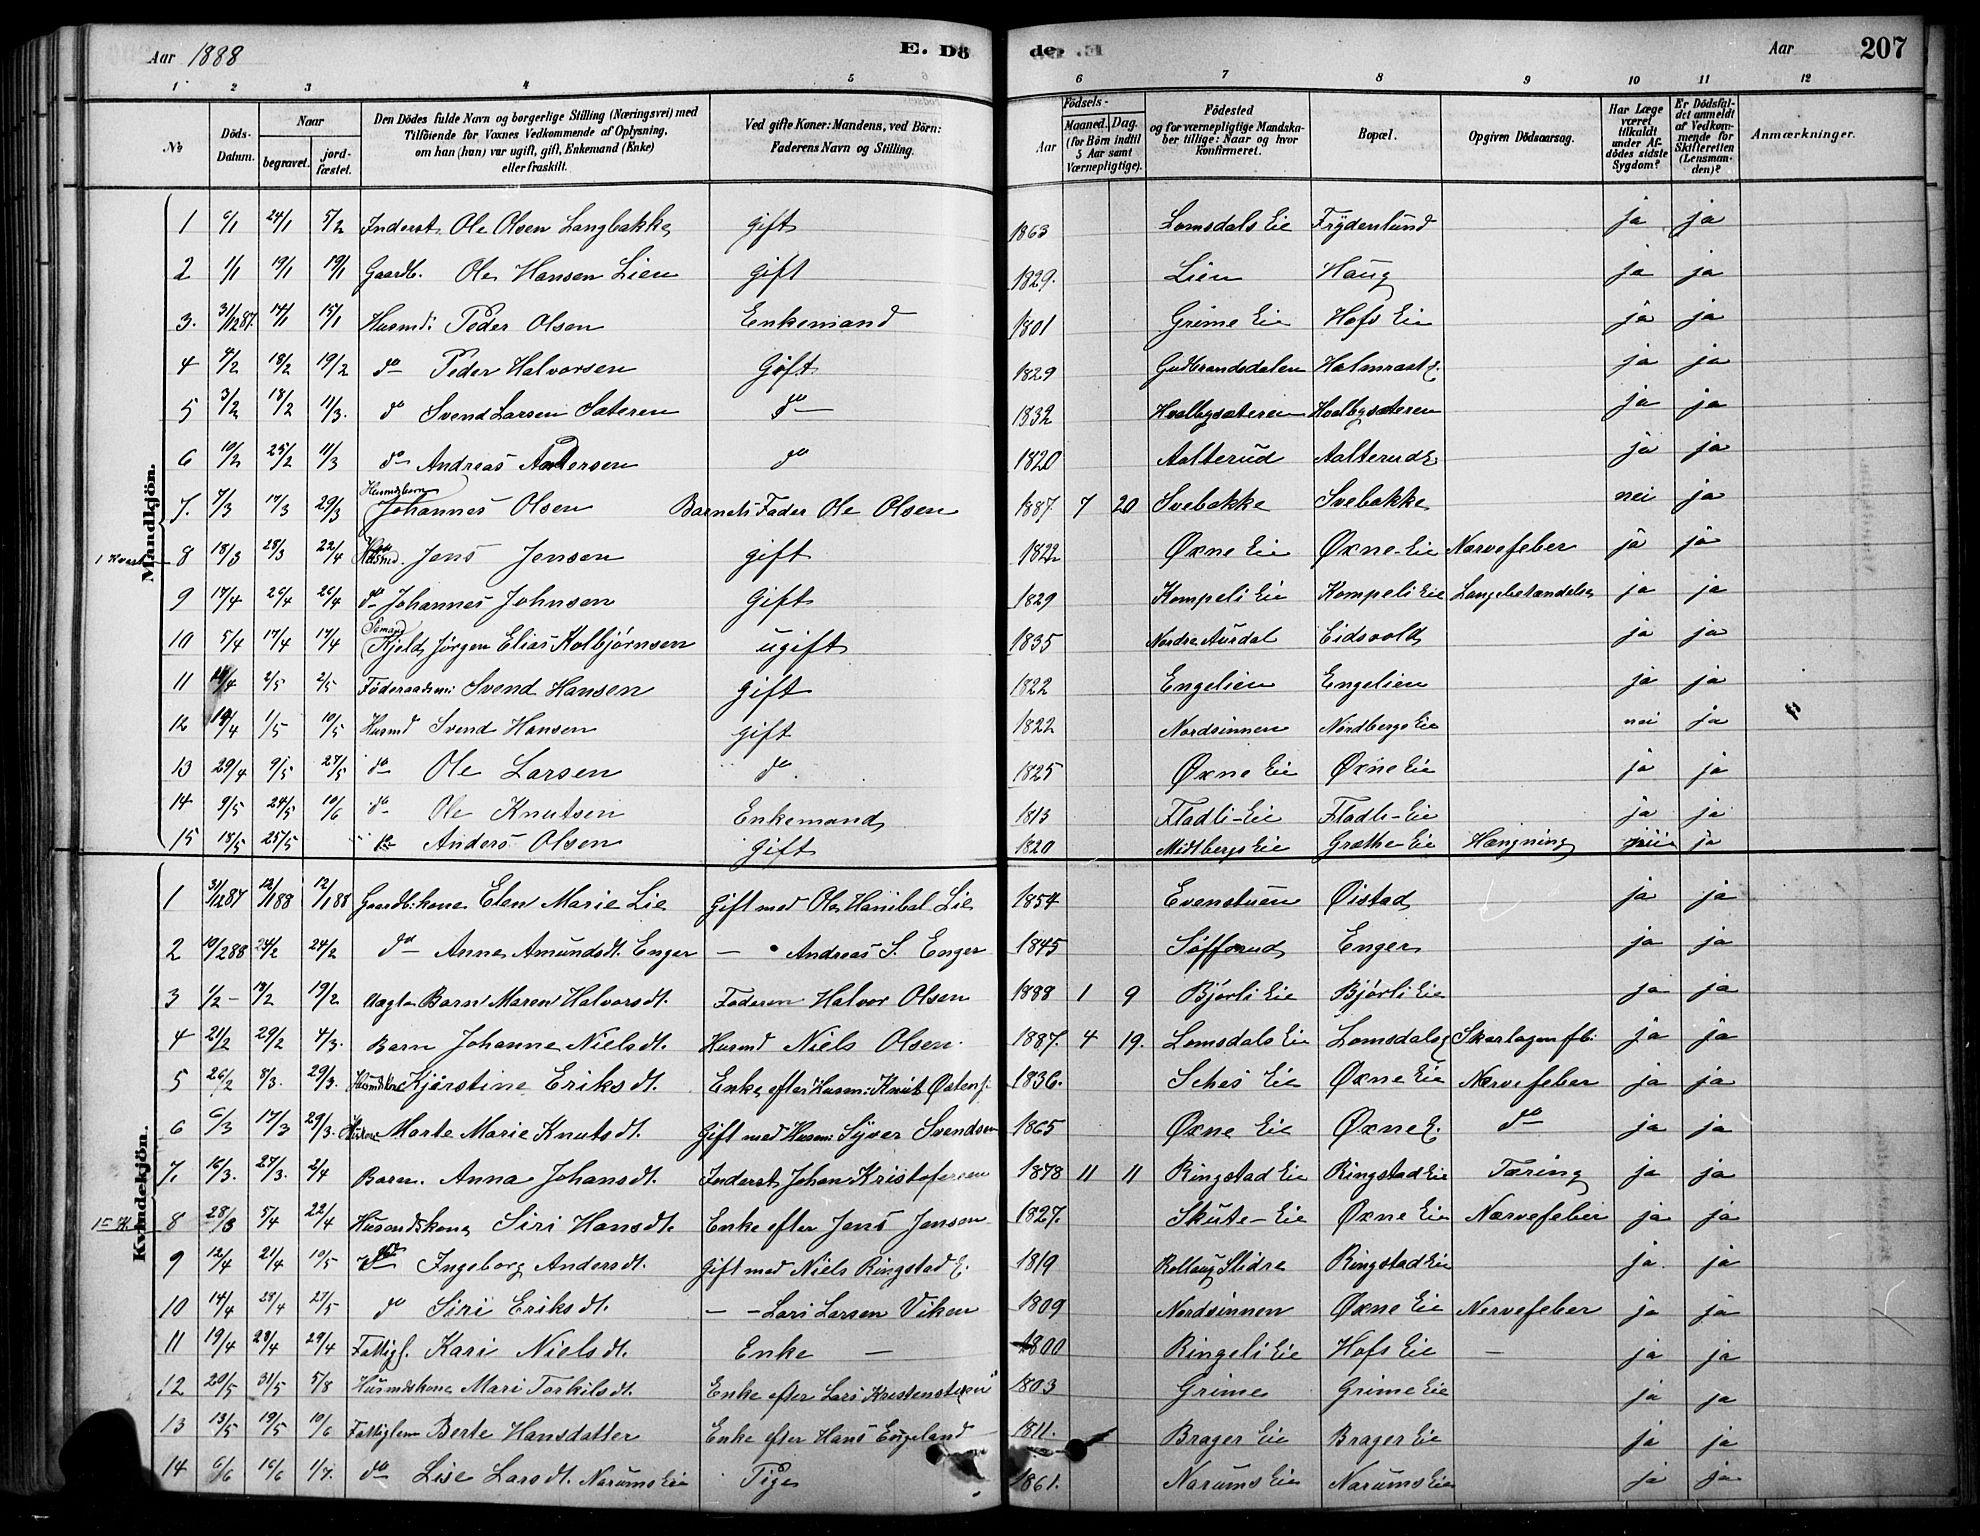 SAH, Søndre Land prestekontor, K/L0003: Ministerialbok nr. 3, 1878-1894, s. 207